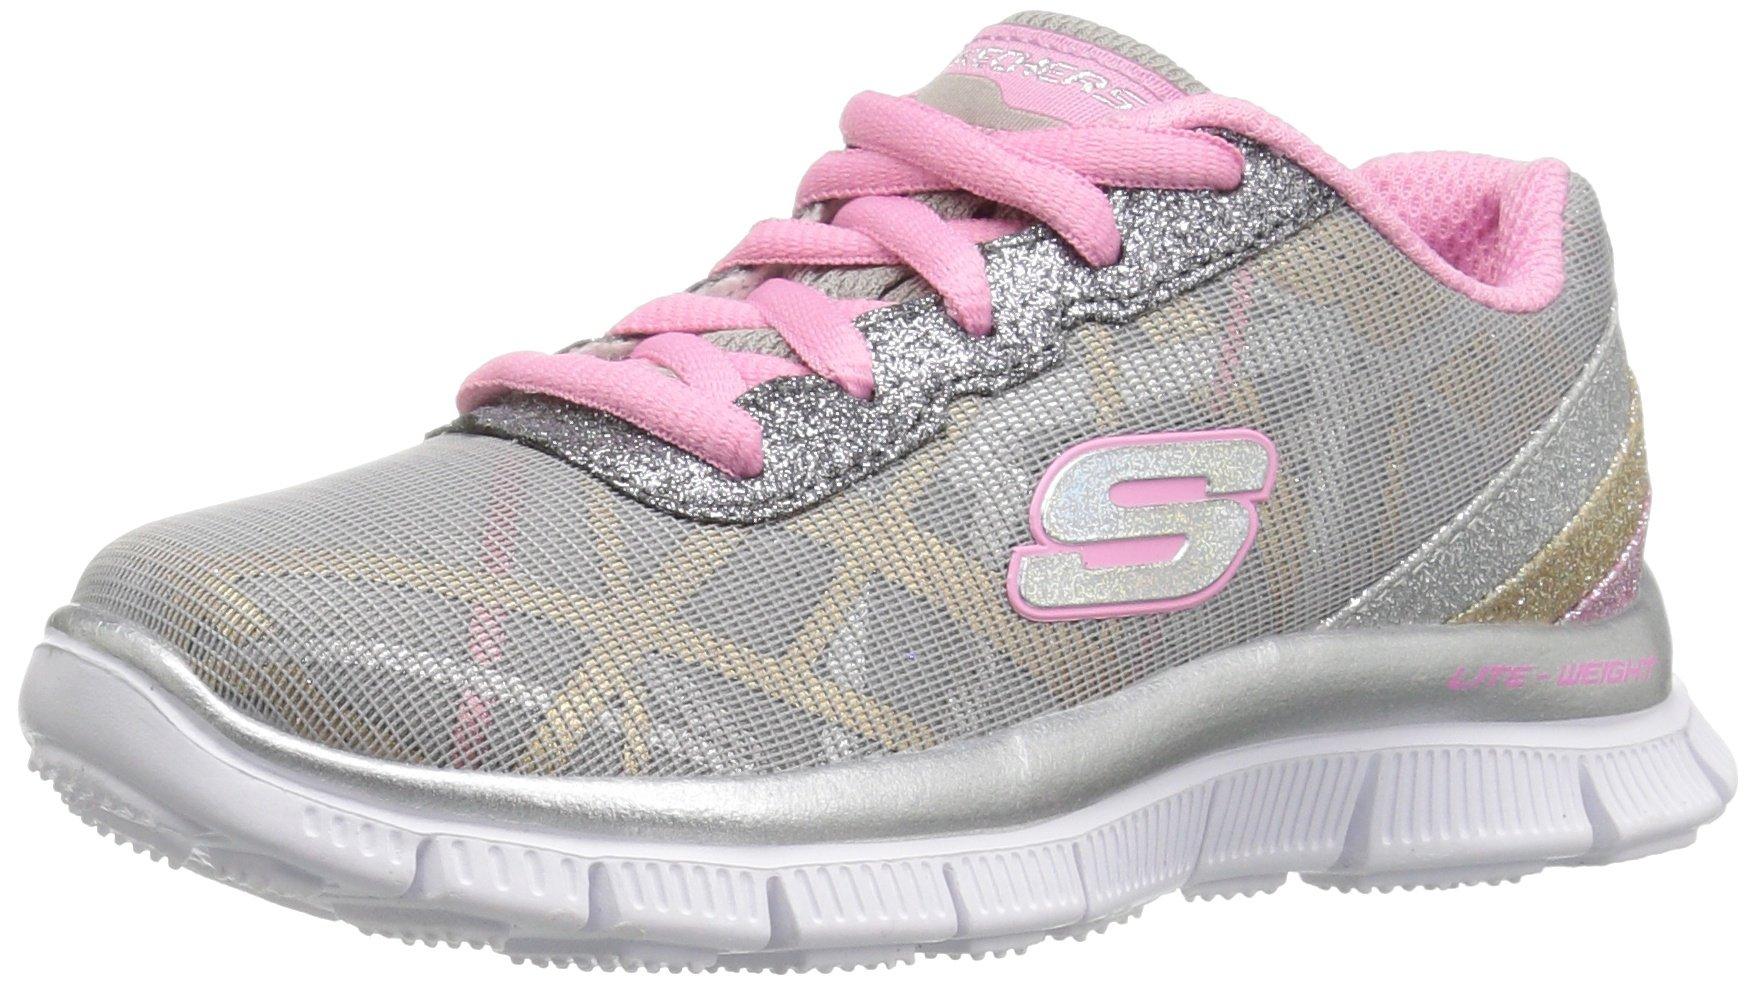 Skechers Kids Girls' Skech Appeal-Gimme Glimmer Sneaker,Gray/Pink/Multi,